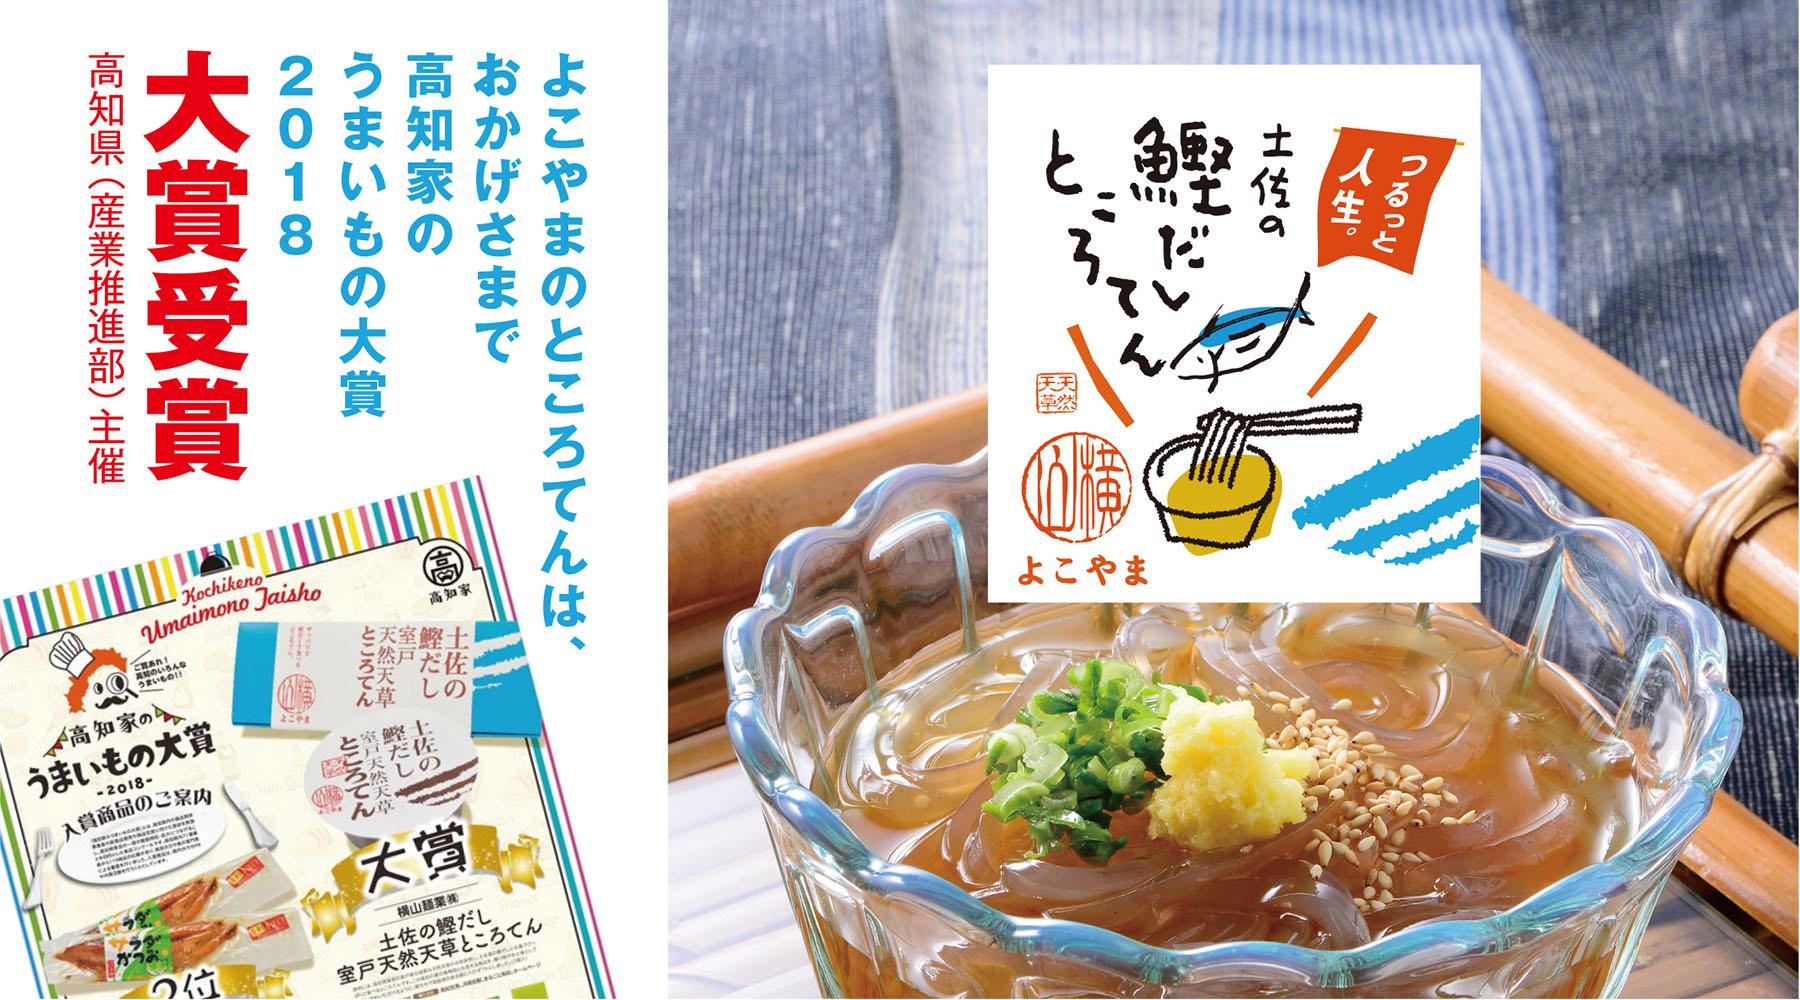 横山麺業オンラインショップ紹介画像1